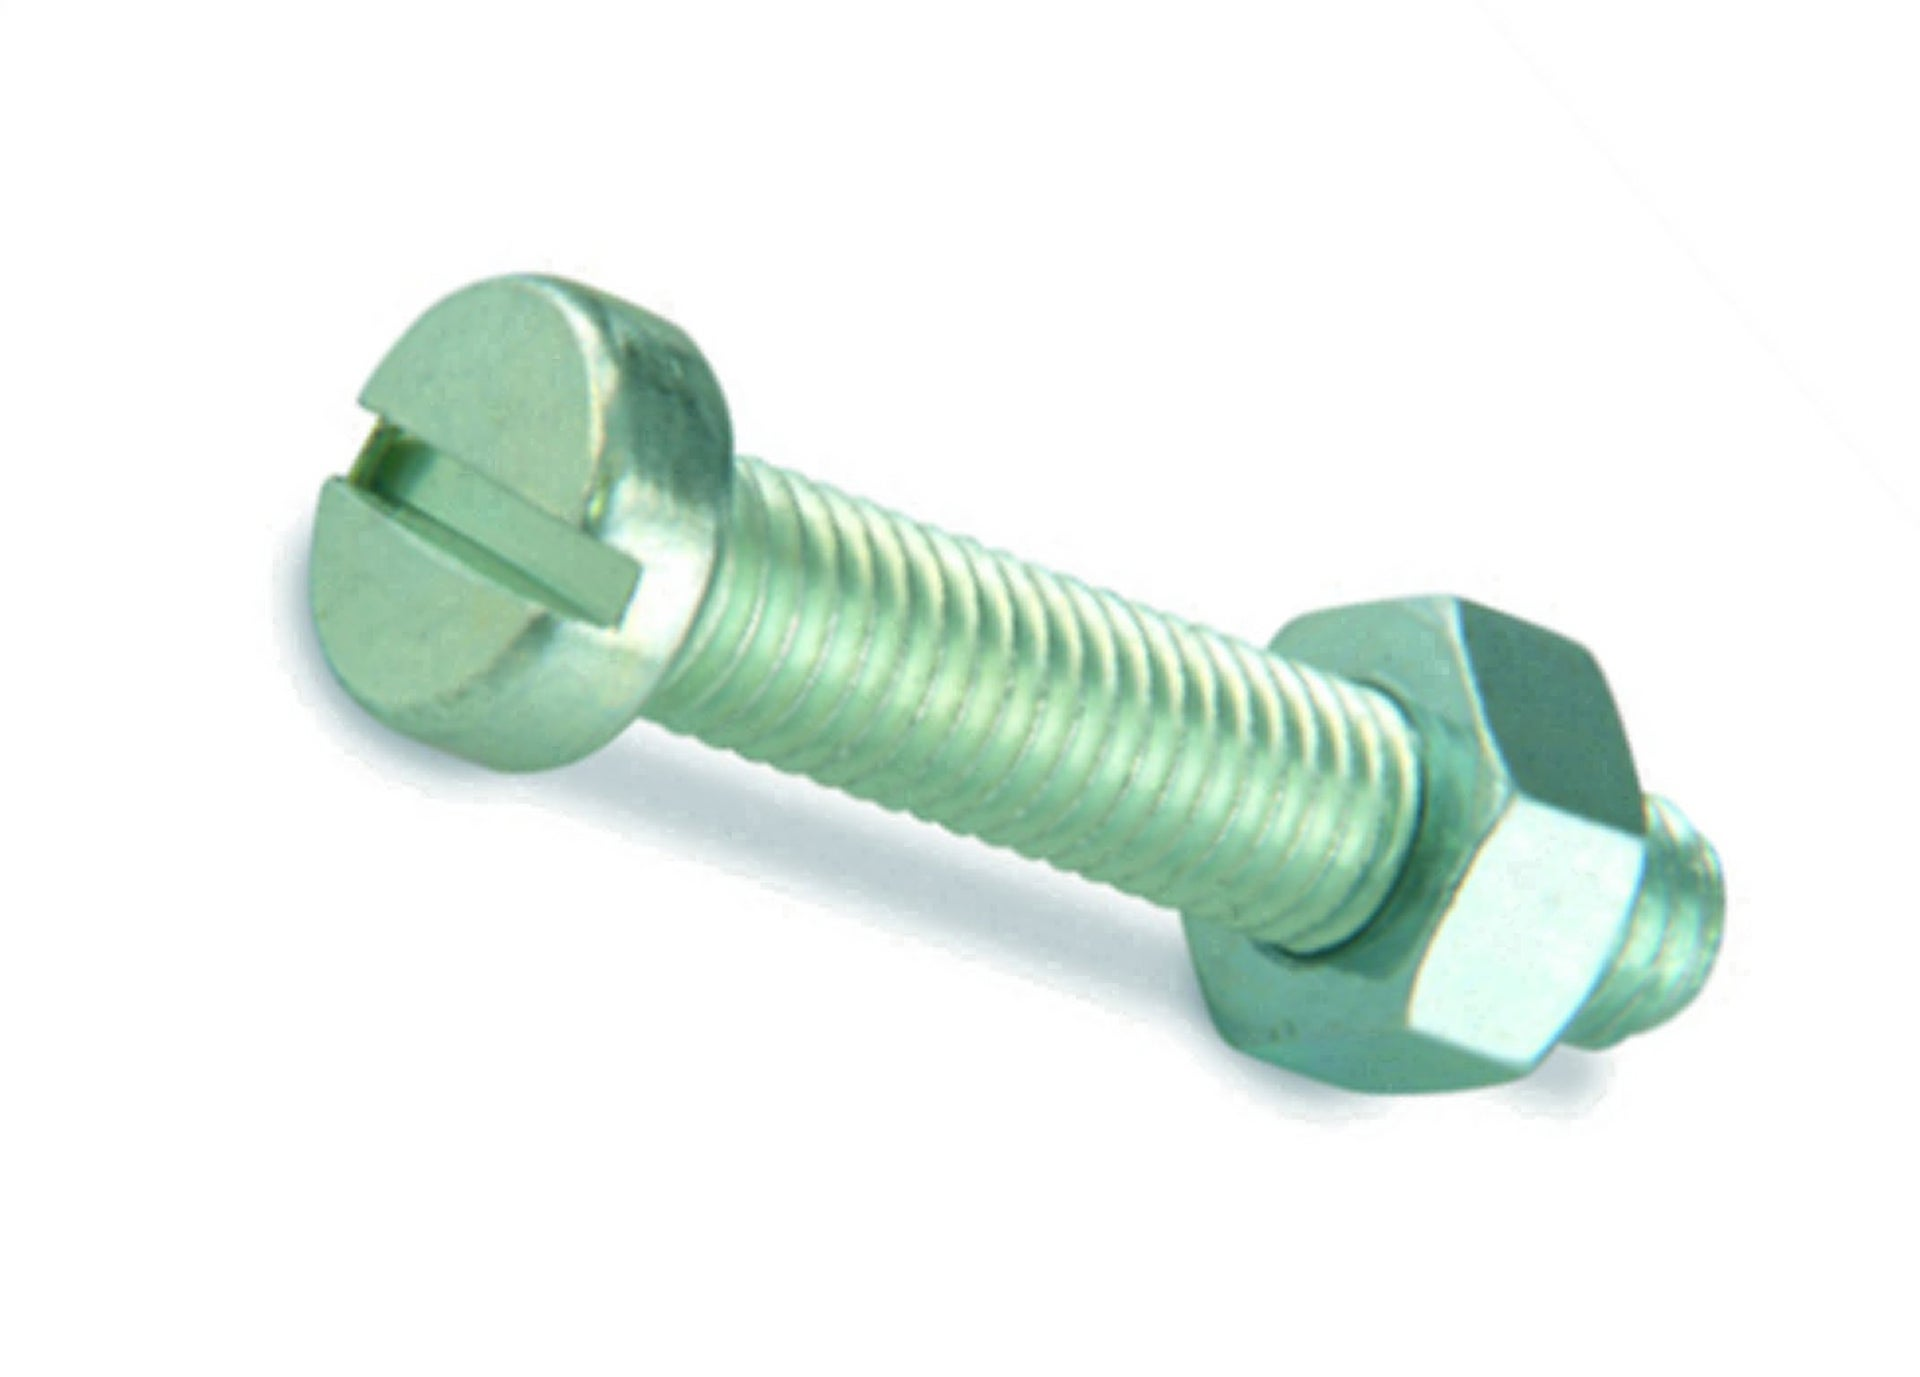 Lot de 20 microvis tête cylindrique acier zingué, L.20 x Diam.3 mm SUKI